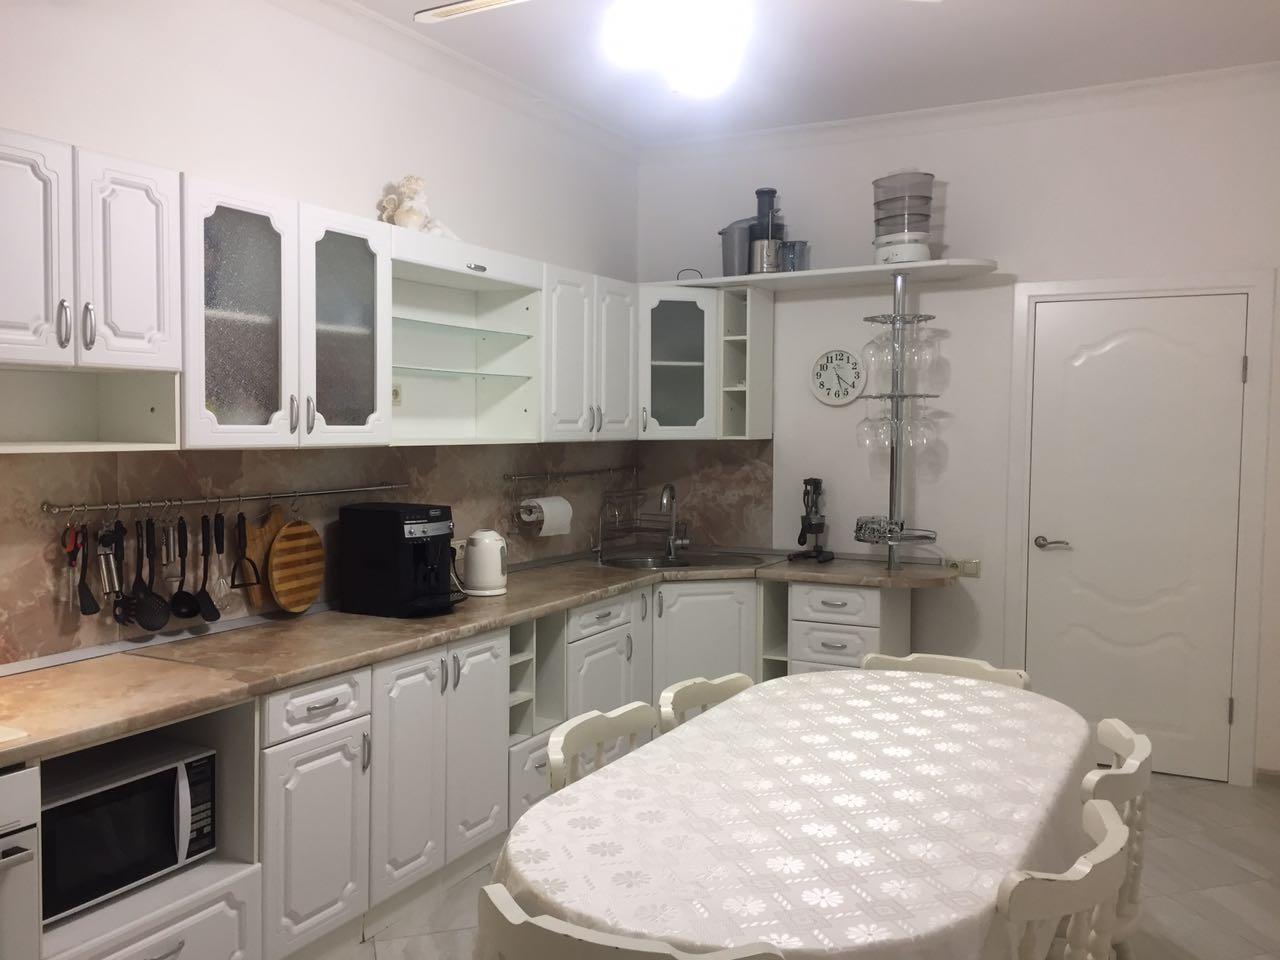 Продам - Анапская 19а, 3х-комнатная, 115 кВ.м. -, Анапская. - цена: 11500000